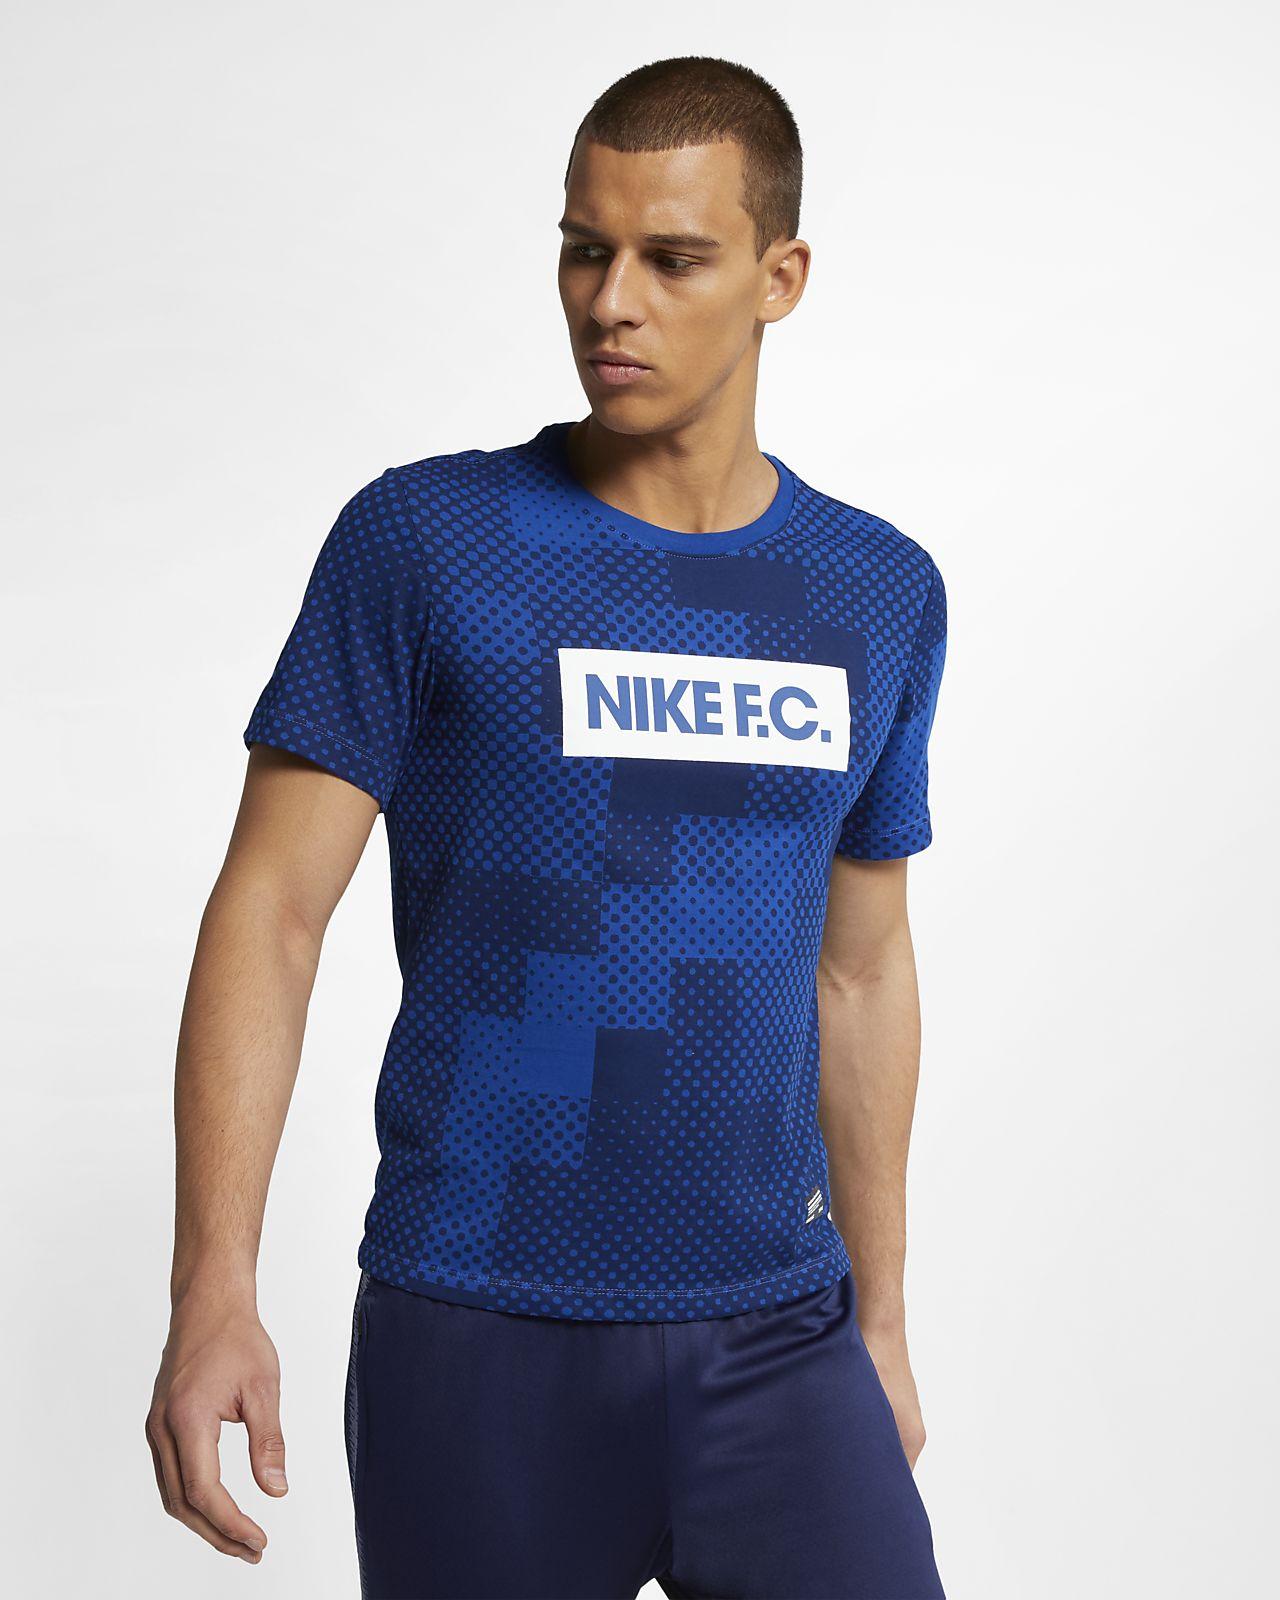 Playera de fútbol para hombre Nike Dri-FIT F.C.